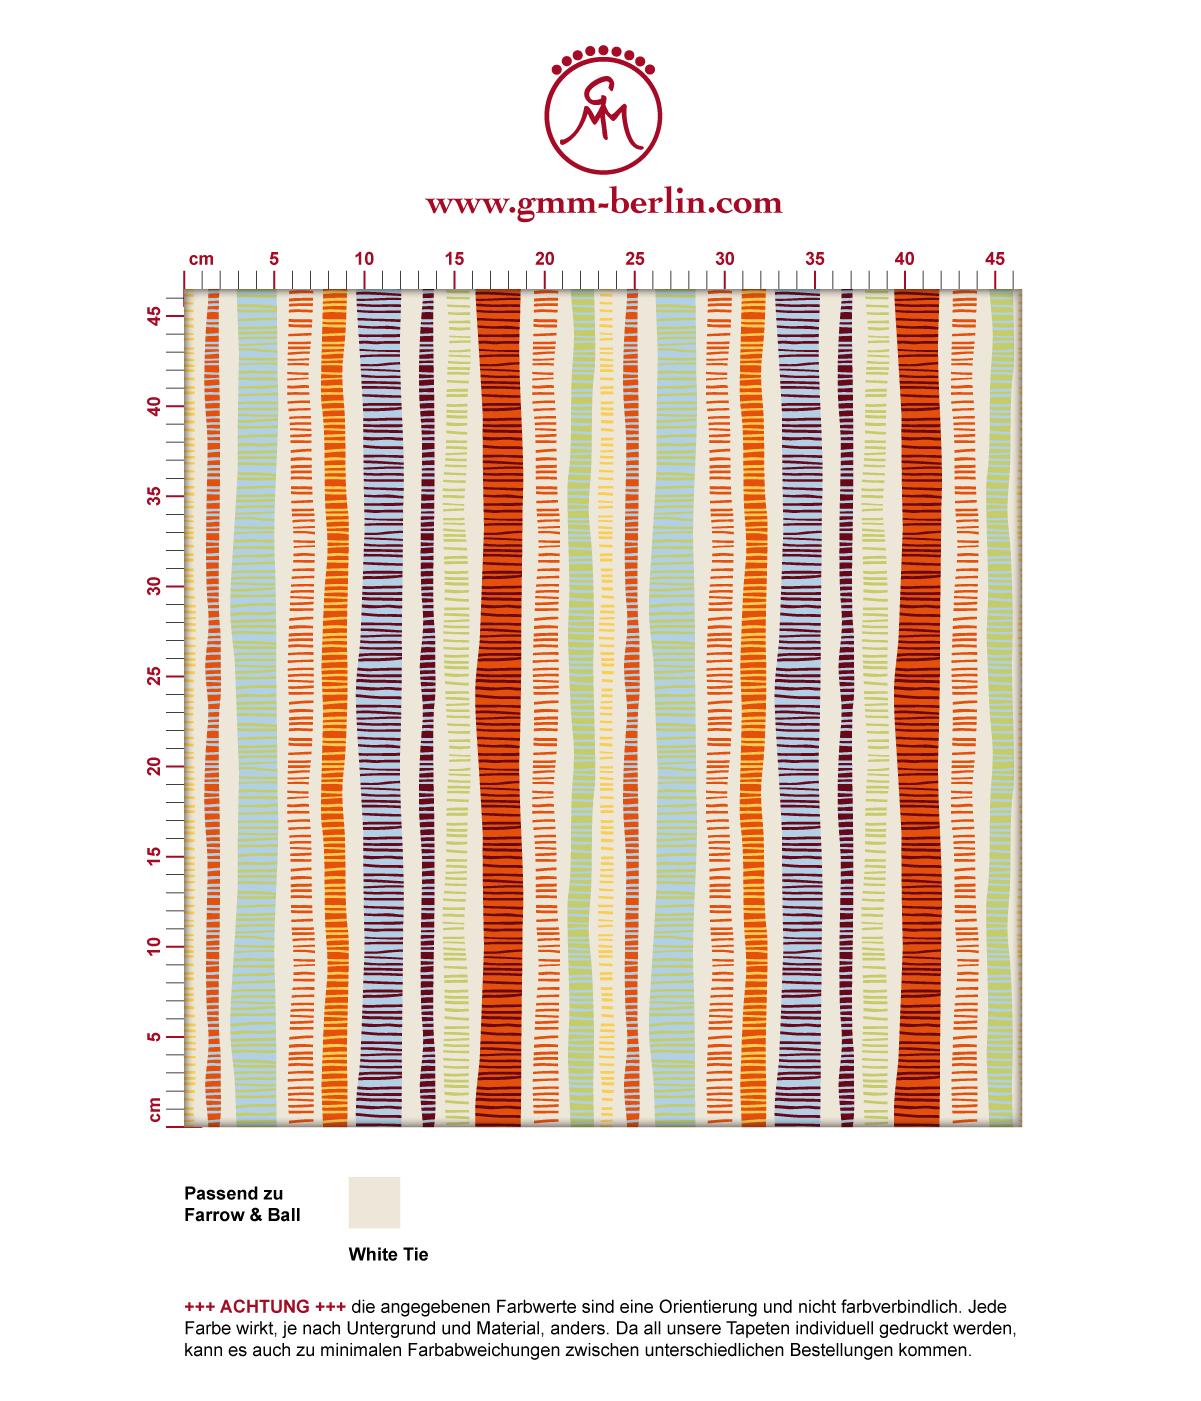 """Frische orange """"Dotted Lines"""" Tapete mit bunten Streifen angepasst an Farrow and Ball Wandfarben. Aus dem GMM-BERLIN.com Sortiment: Schöne Tapeten in der Farbe: Orange"""